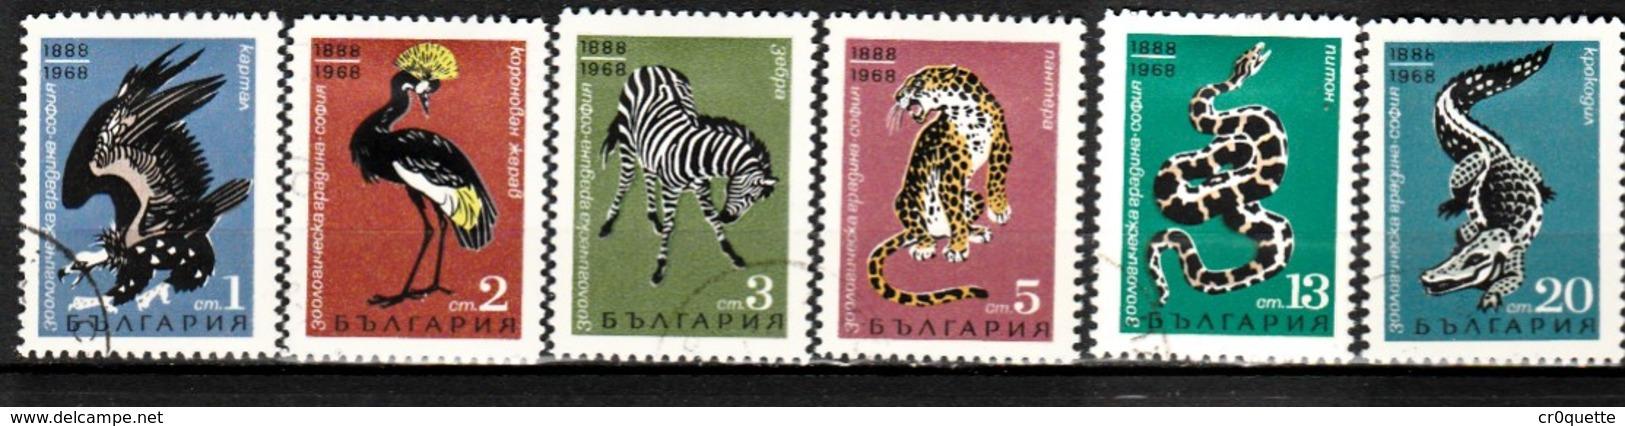 RUSSIE / SERIE DE 6 TIMBRES ZEBRE CROCODILE OISEAUX GUEPARD - Stamps